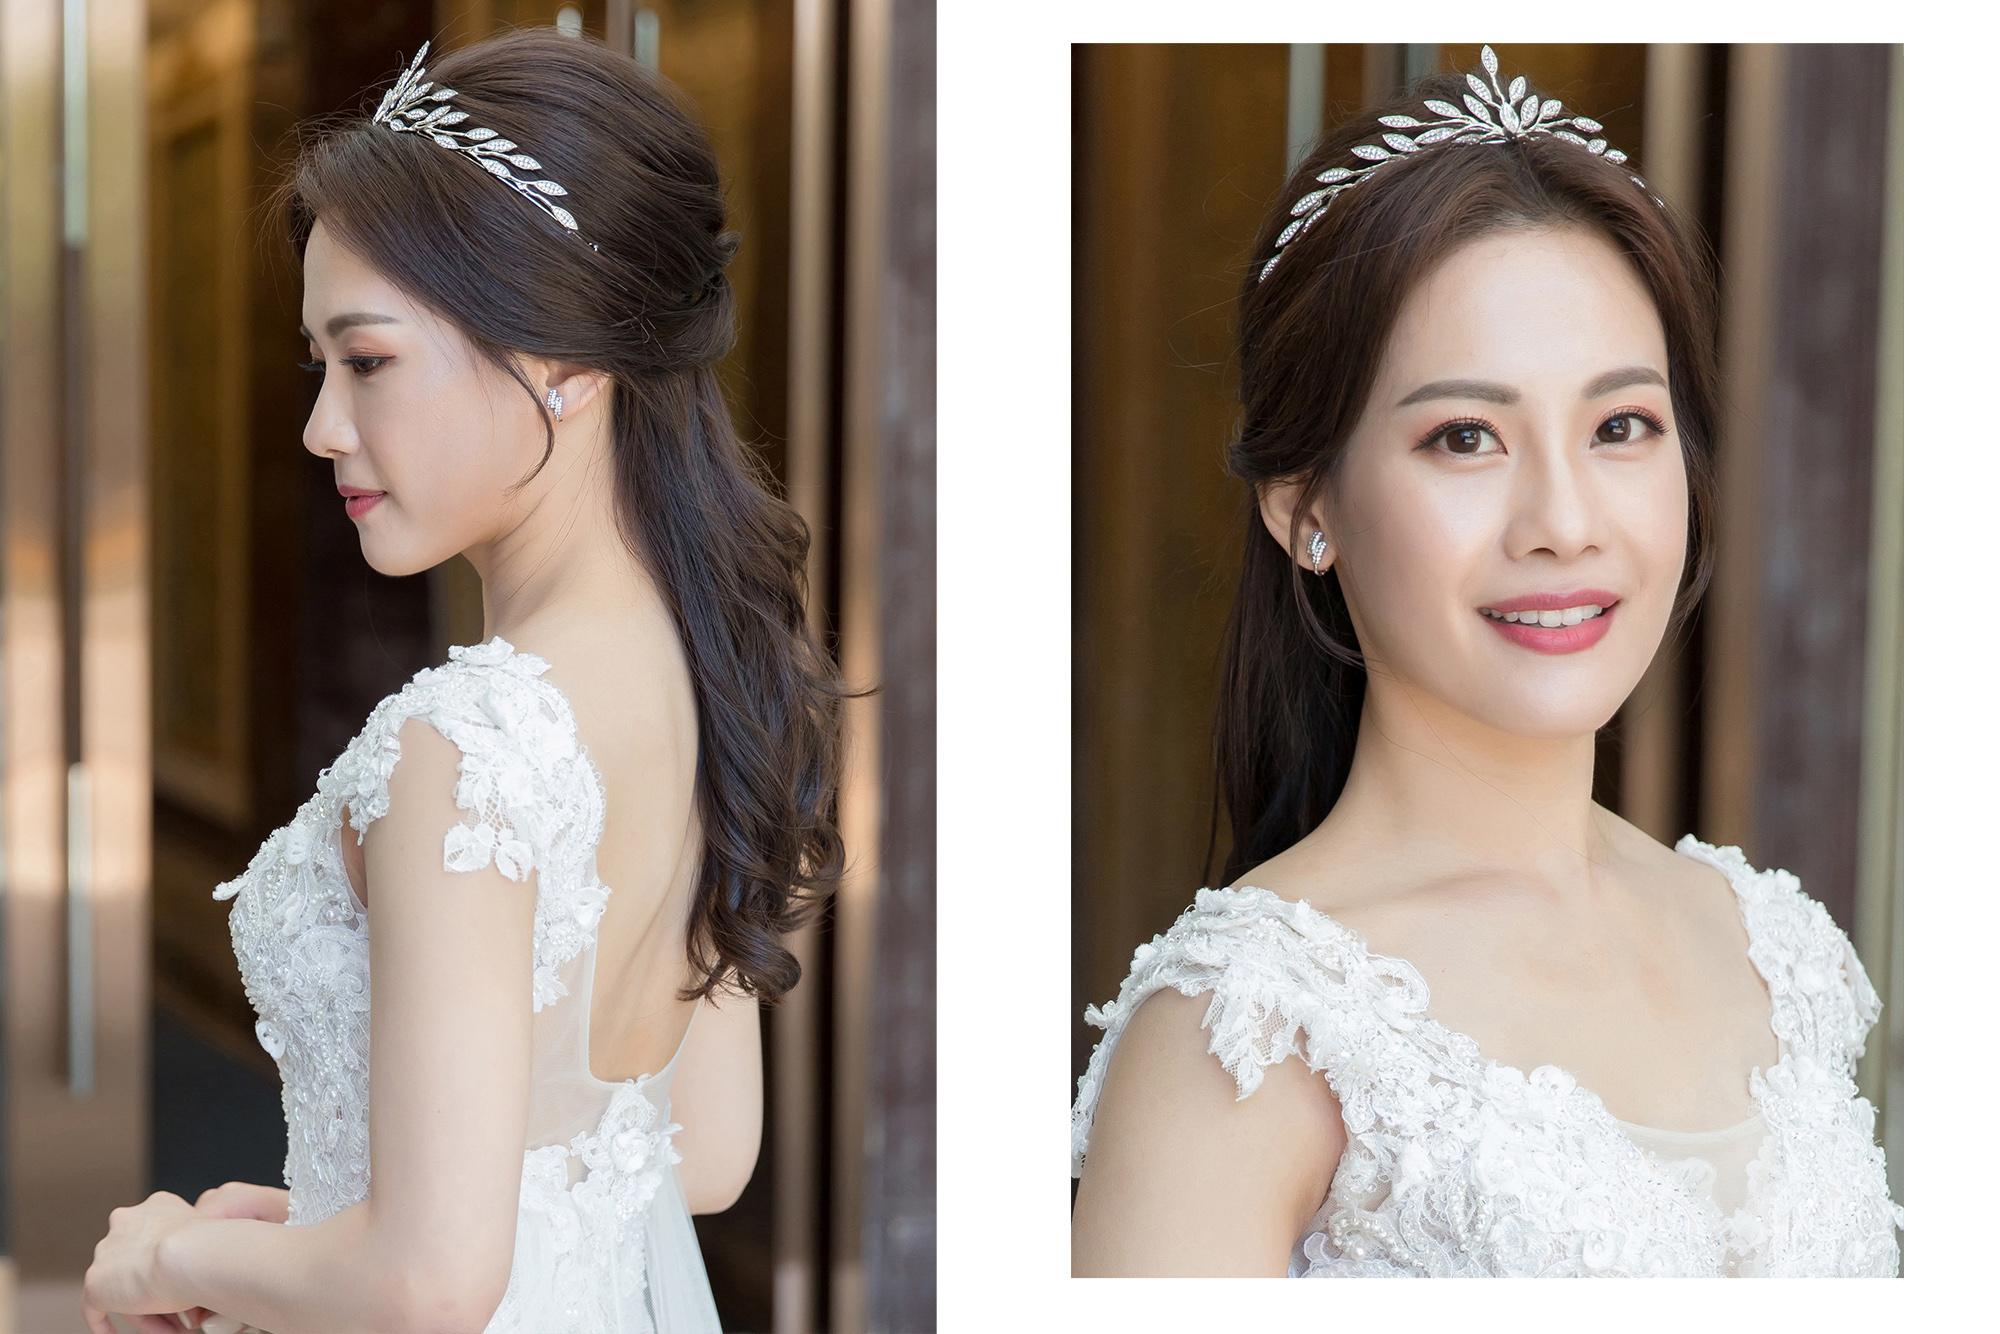 新秘Yuki, 新娘秘書, 新秘, 新娘造型, 類白紗造型, 新娘髮型,皇冠造型, 新娘妝容, 高雄新秘, 韓式藝匠,韓系造型